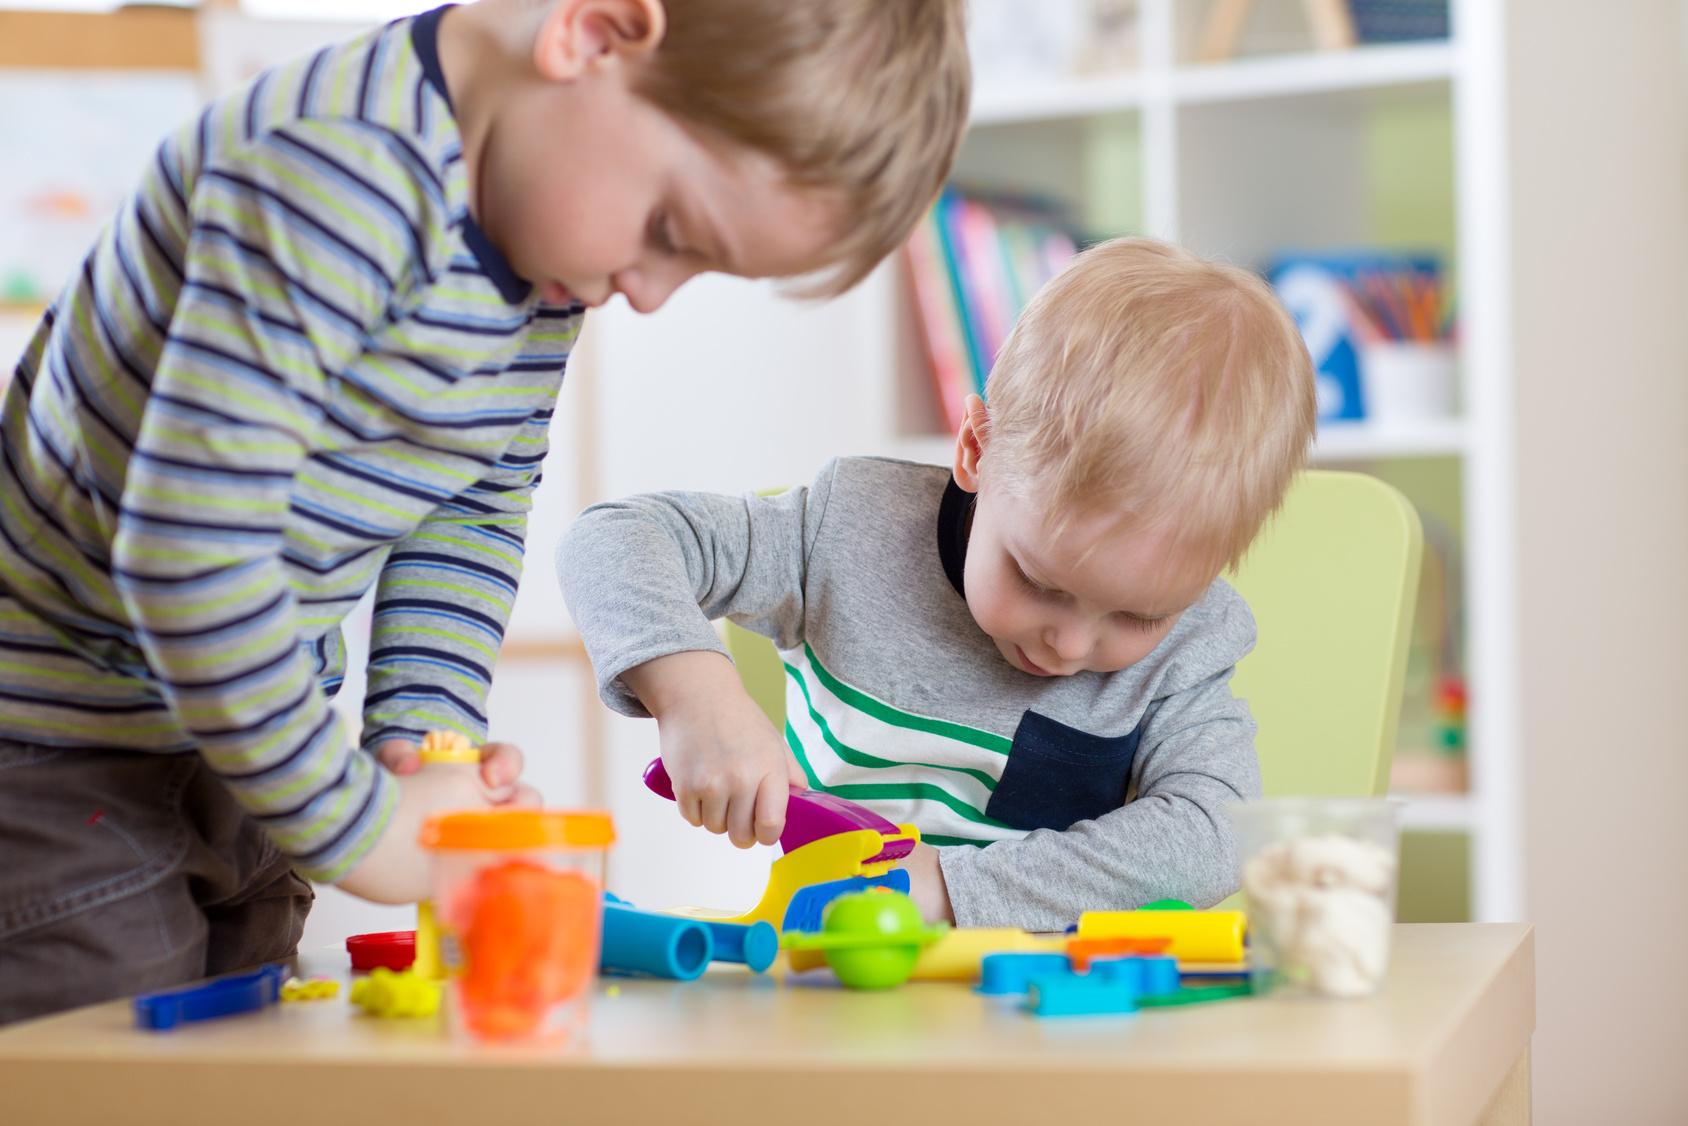 12 Activités Psychomotrices Pour Les 0-3 Ans - Nanny Secours encequiconcerne Jeux Enfant 3 Ans Gratuit